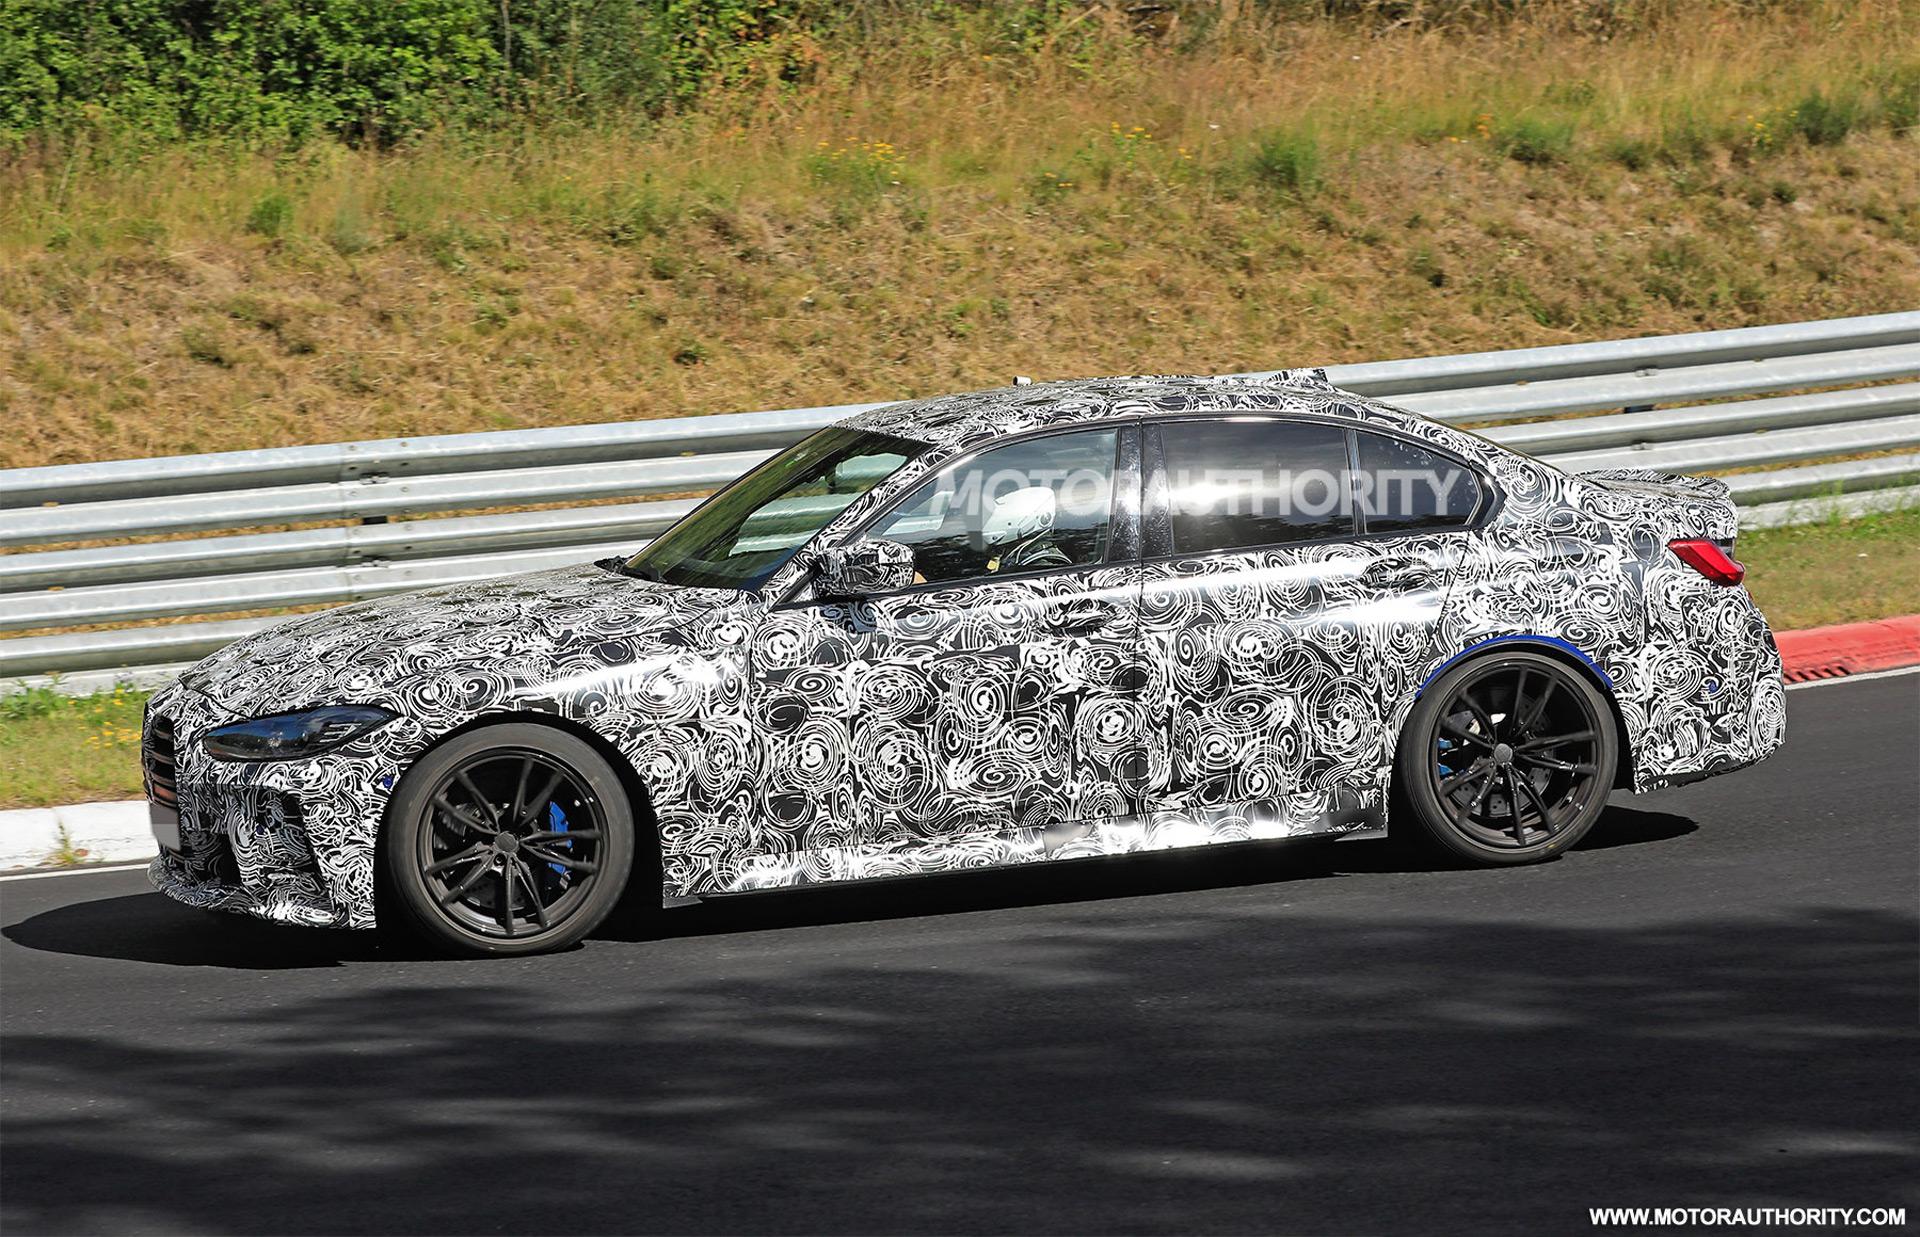 2020 - [BMW] M3/M4 - Page 18 2021-bmw-m3-spy-shots--photo-credit-s-baldauf-sb-medien_100754062_h